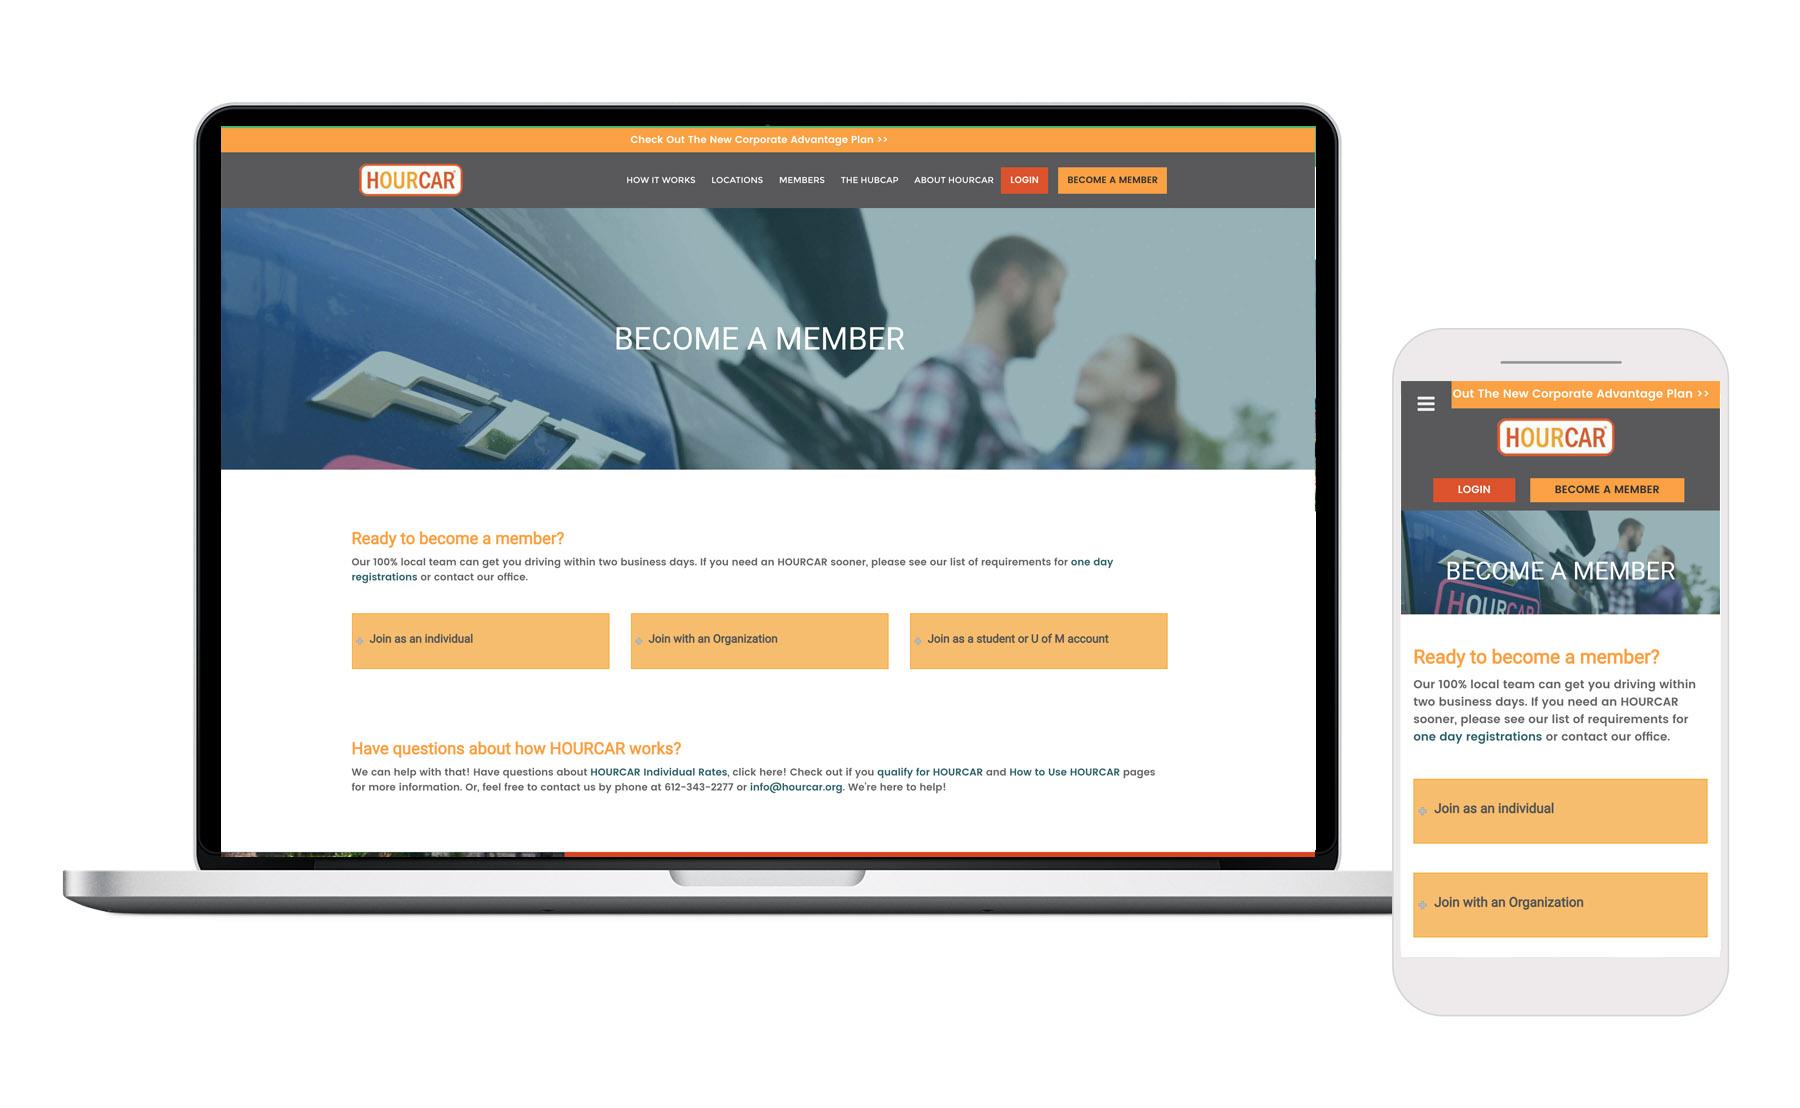 Hourcar registration page on desktop and mobile